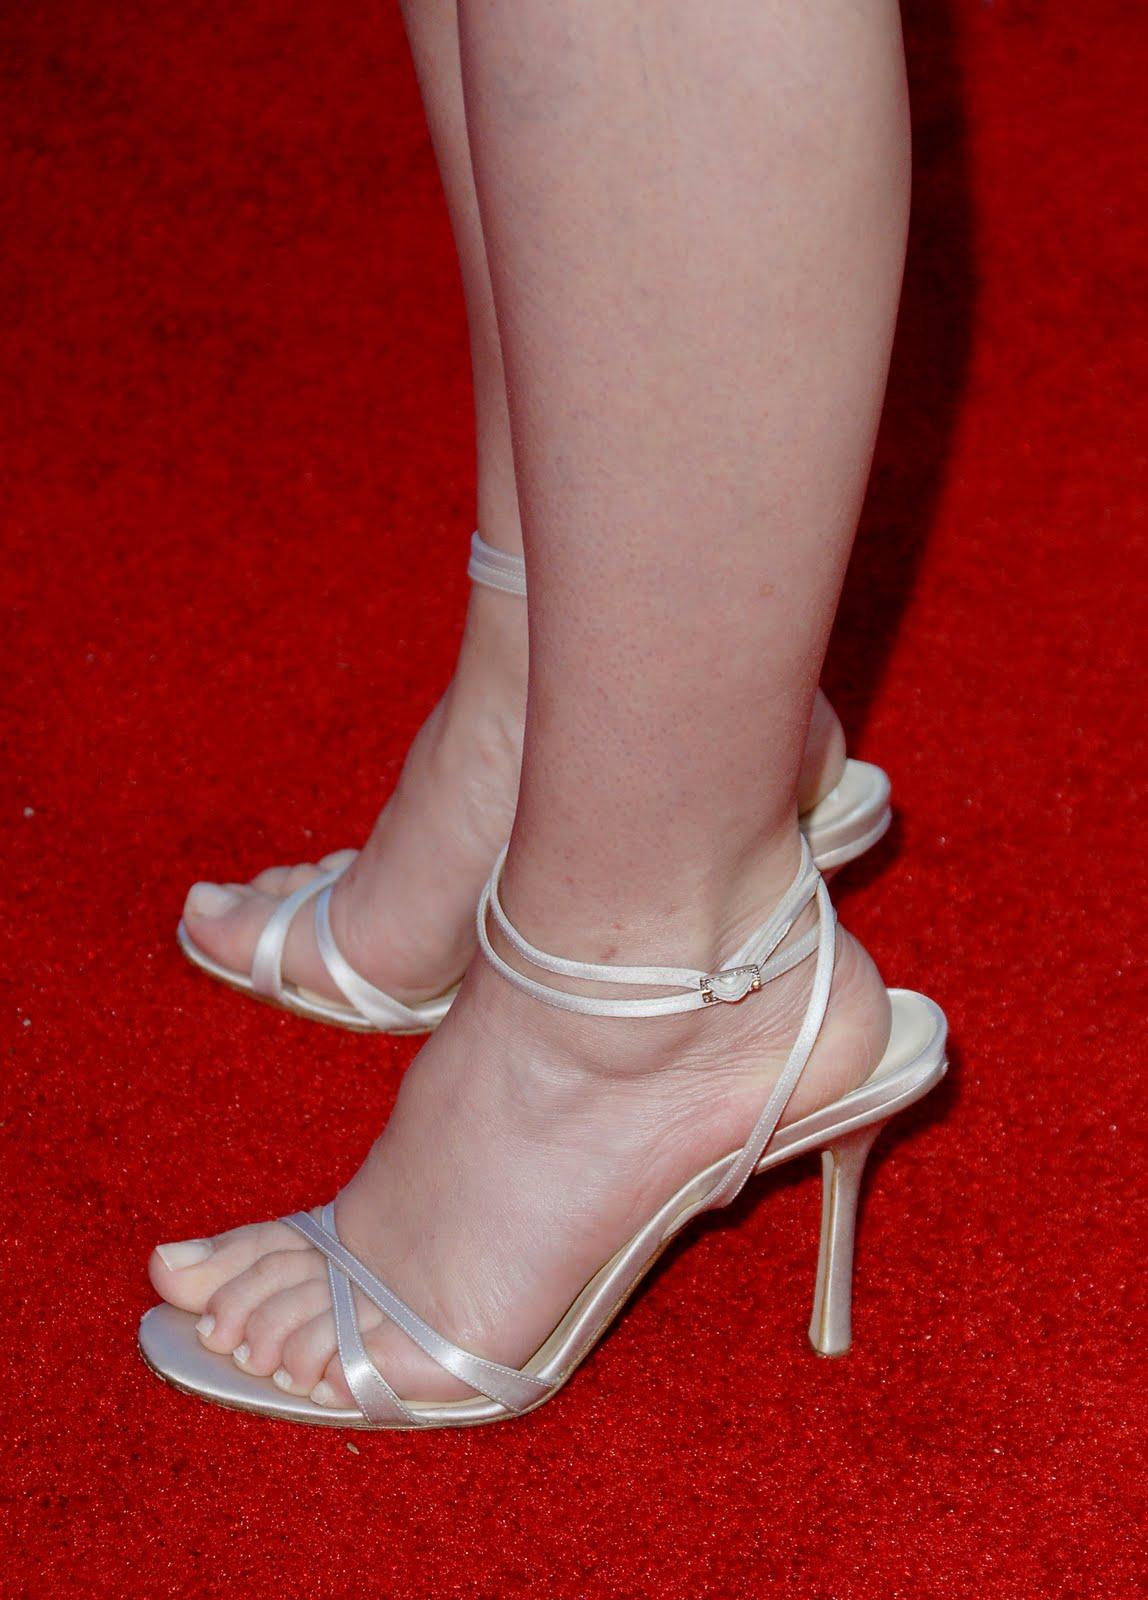 http://4.bp.blogspot.com/_UaLWp72nij4/TGxK063O-tI/AAAAAAAATxM/maAixwM9Ydo/s1600/virginia-madsen-feet-4.jpg